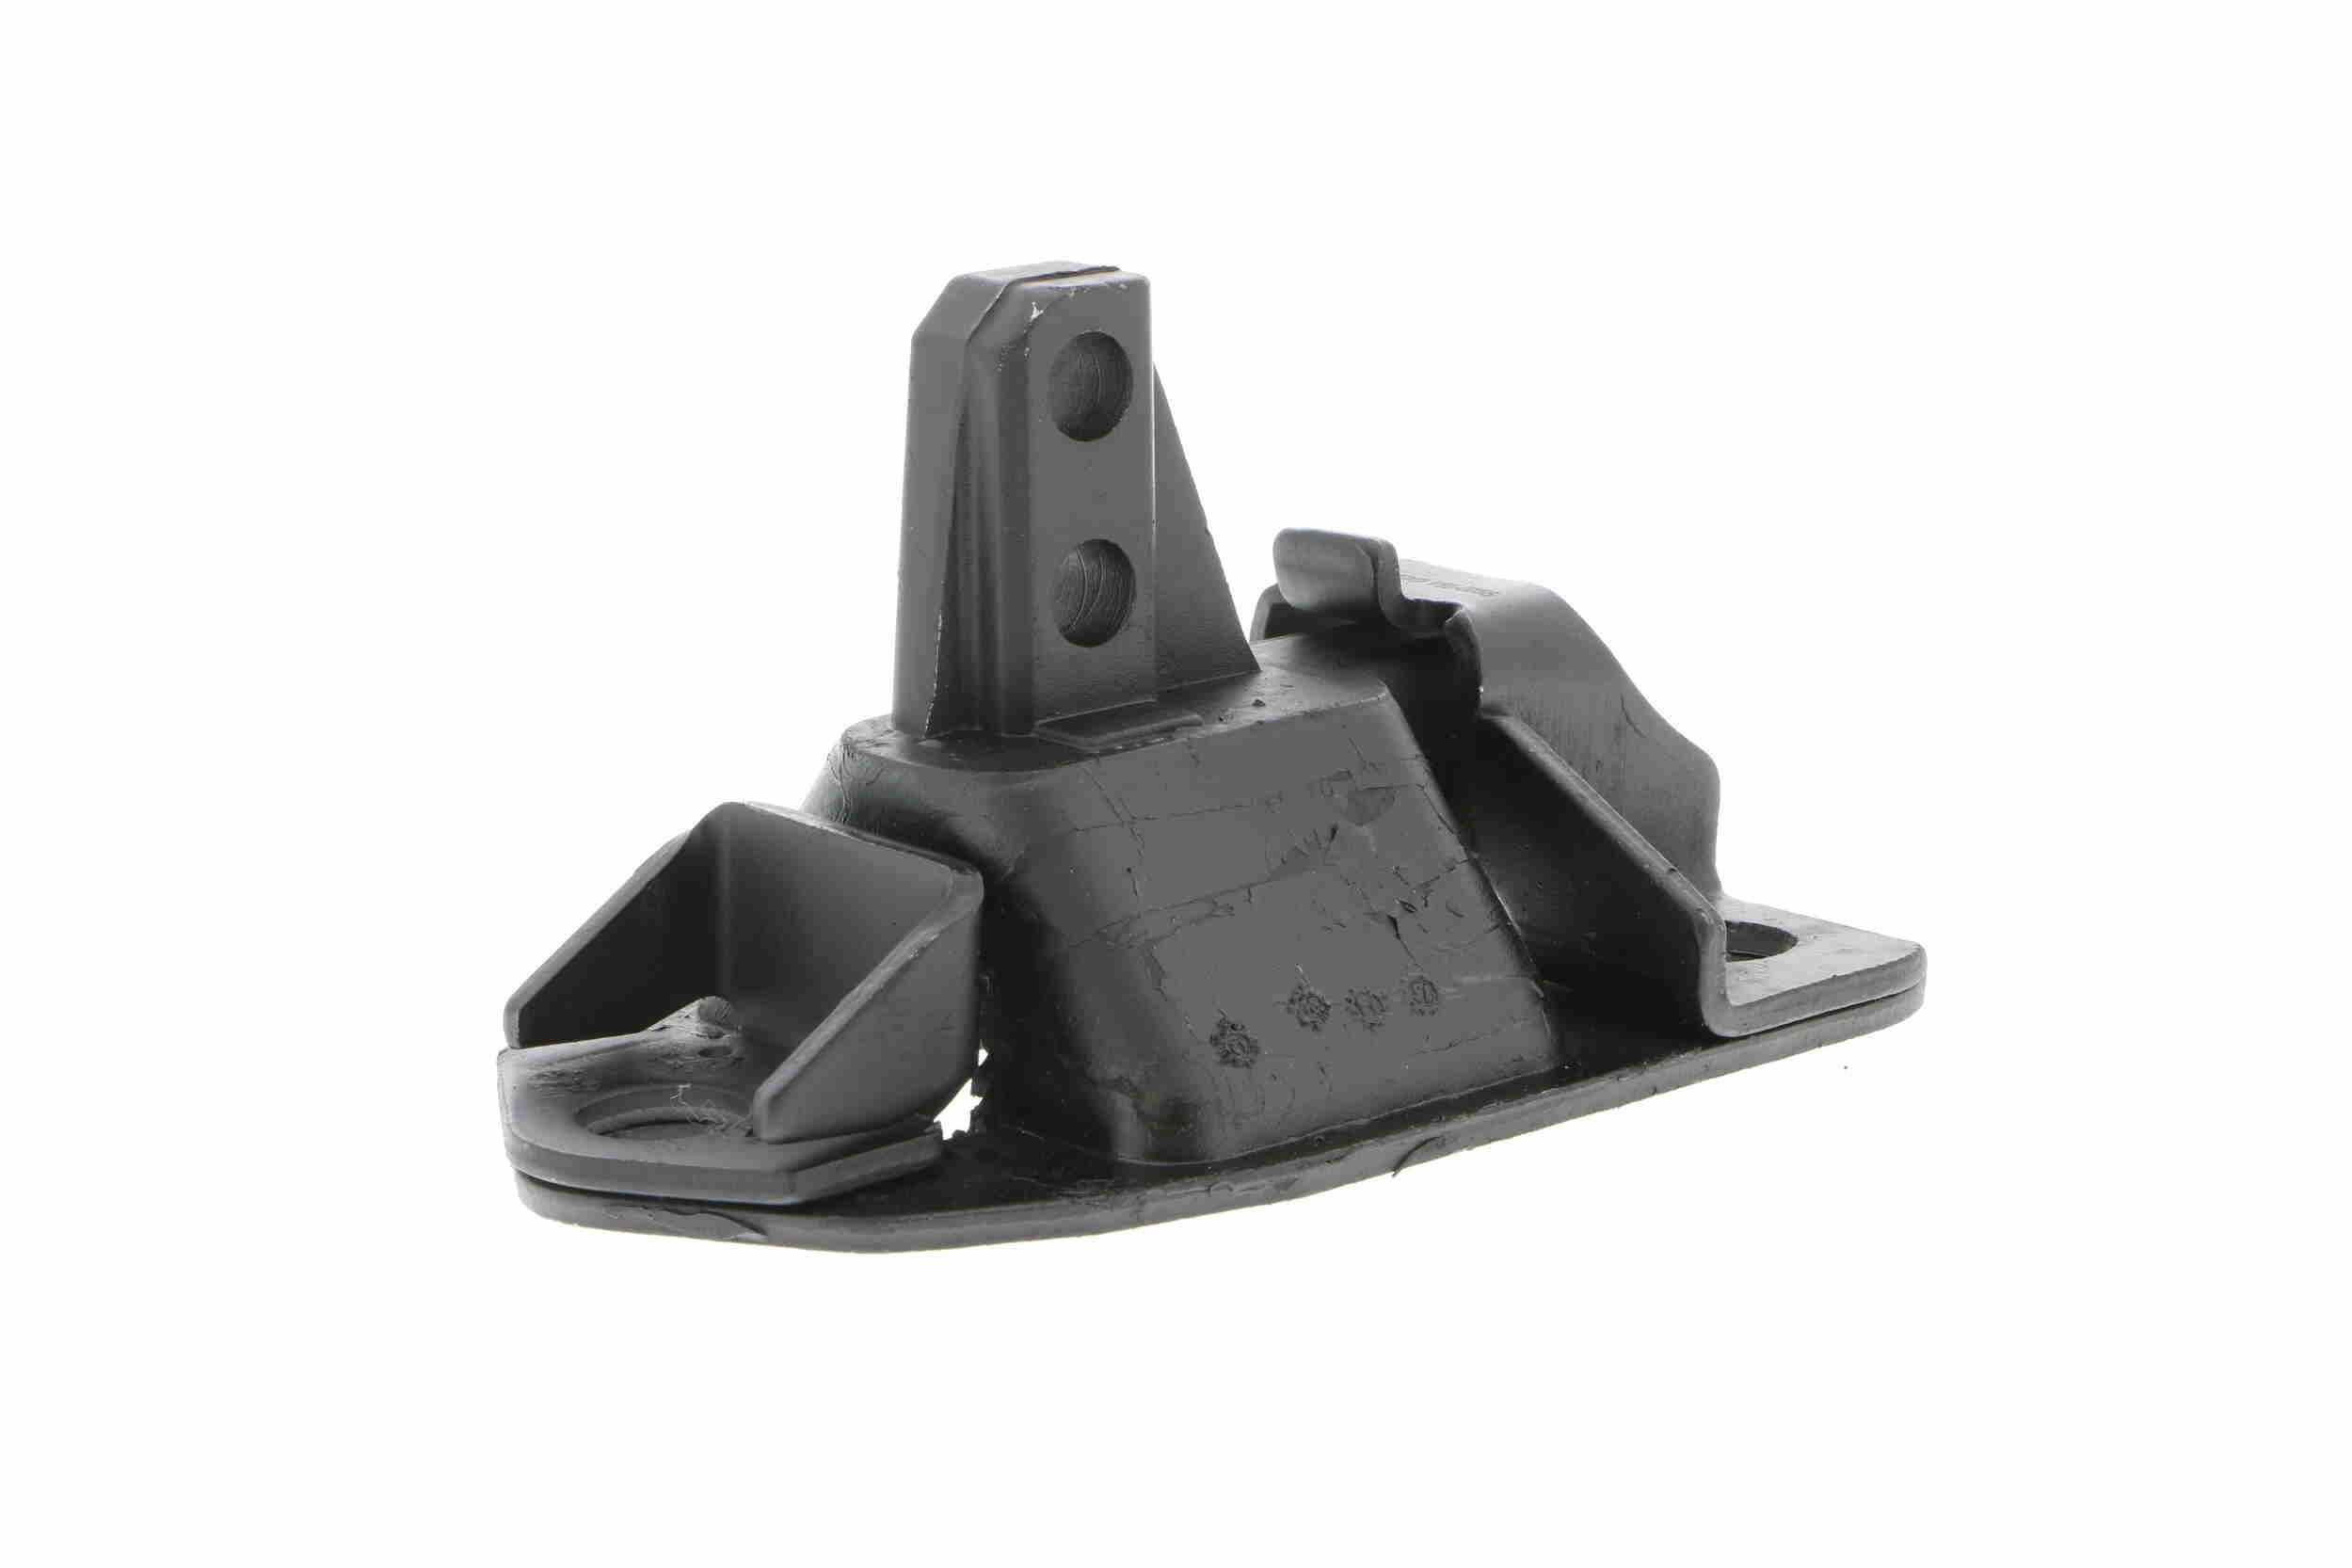 V95-50008-1 VAICO EXPERT KITS +, mit Befestigungsmaterial, mit Dichtring für Wasserpumpe, mit Dichtung Wasserpumpe V95-50008-1 günstig kaufen